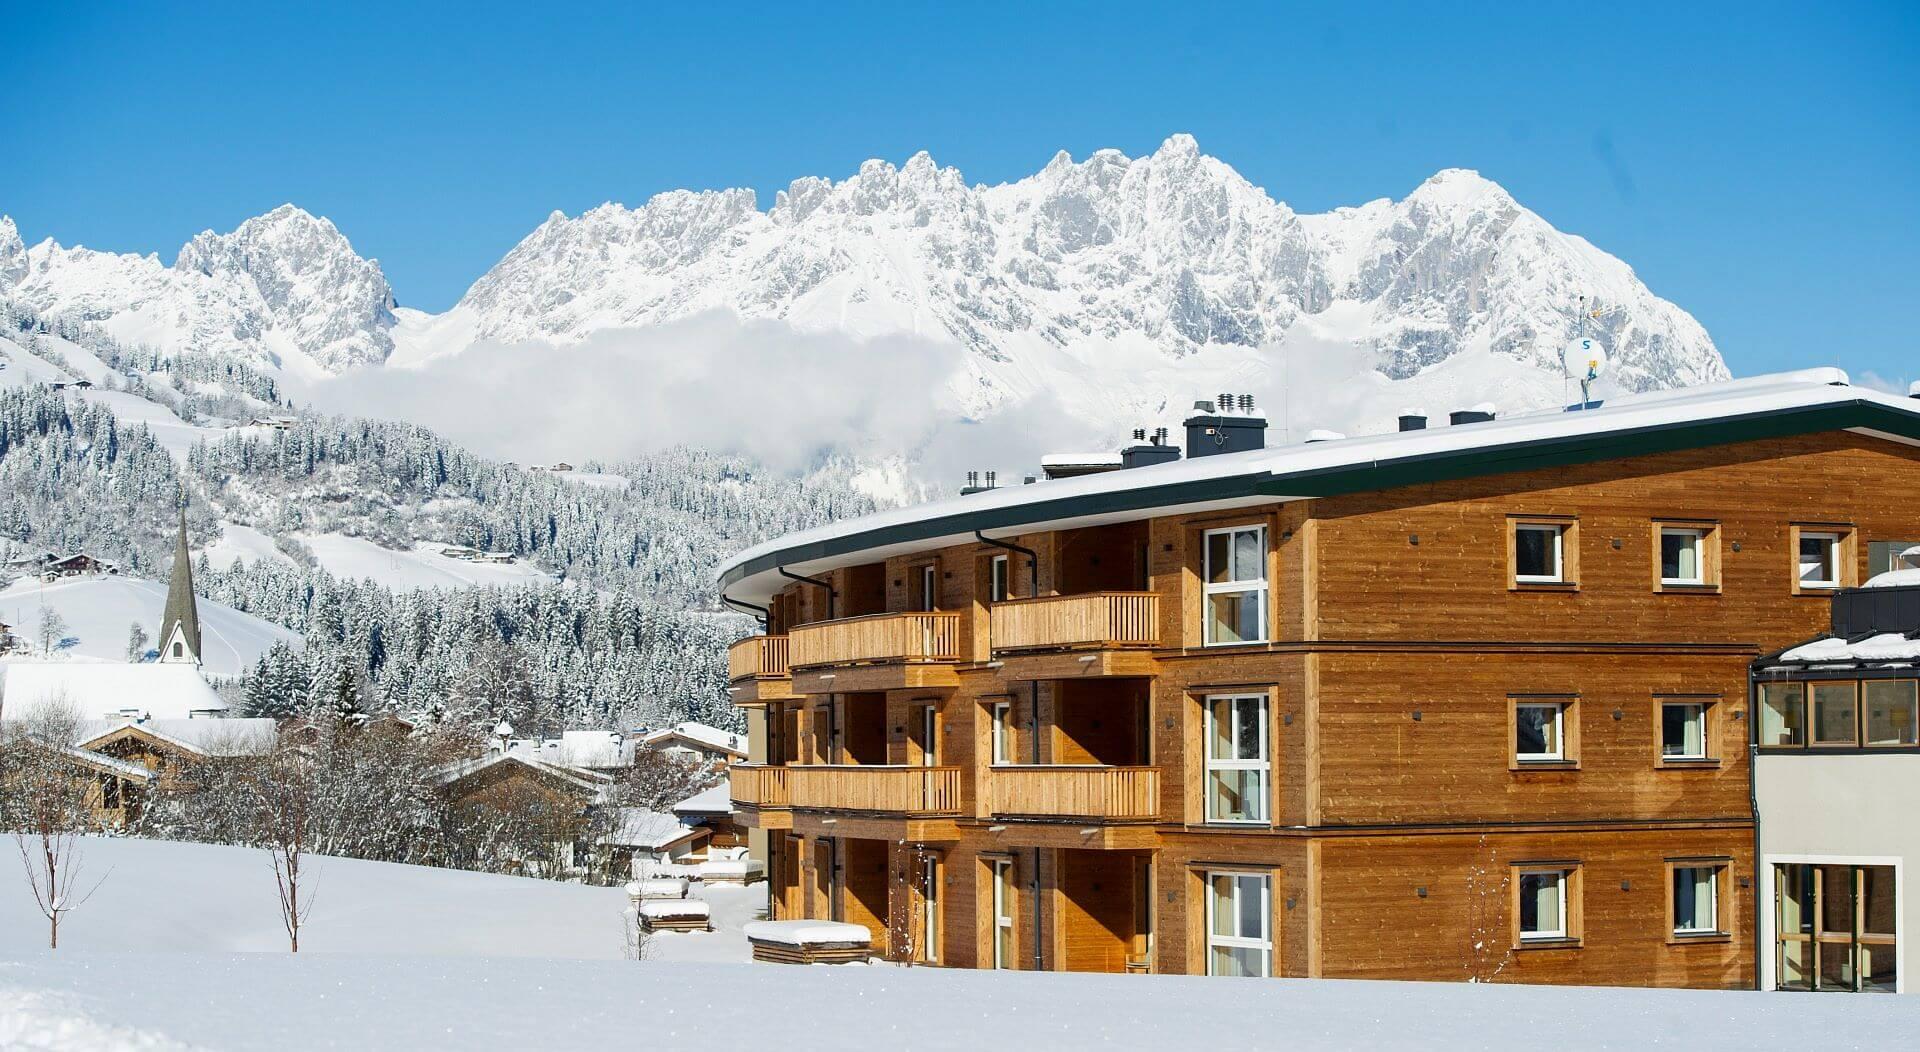 Chalet Kitzbuhel Kitzbuhel Hotels 5 Star Kitzbuhel Lodge